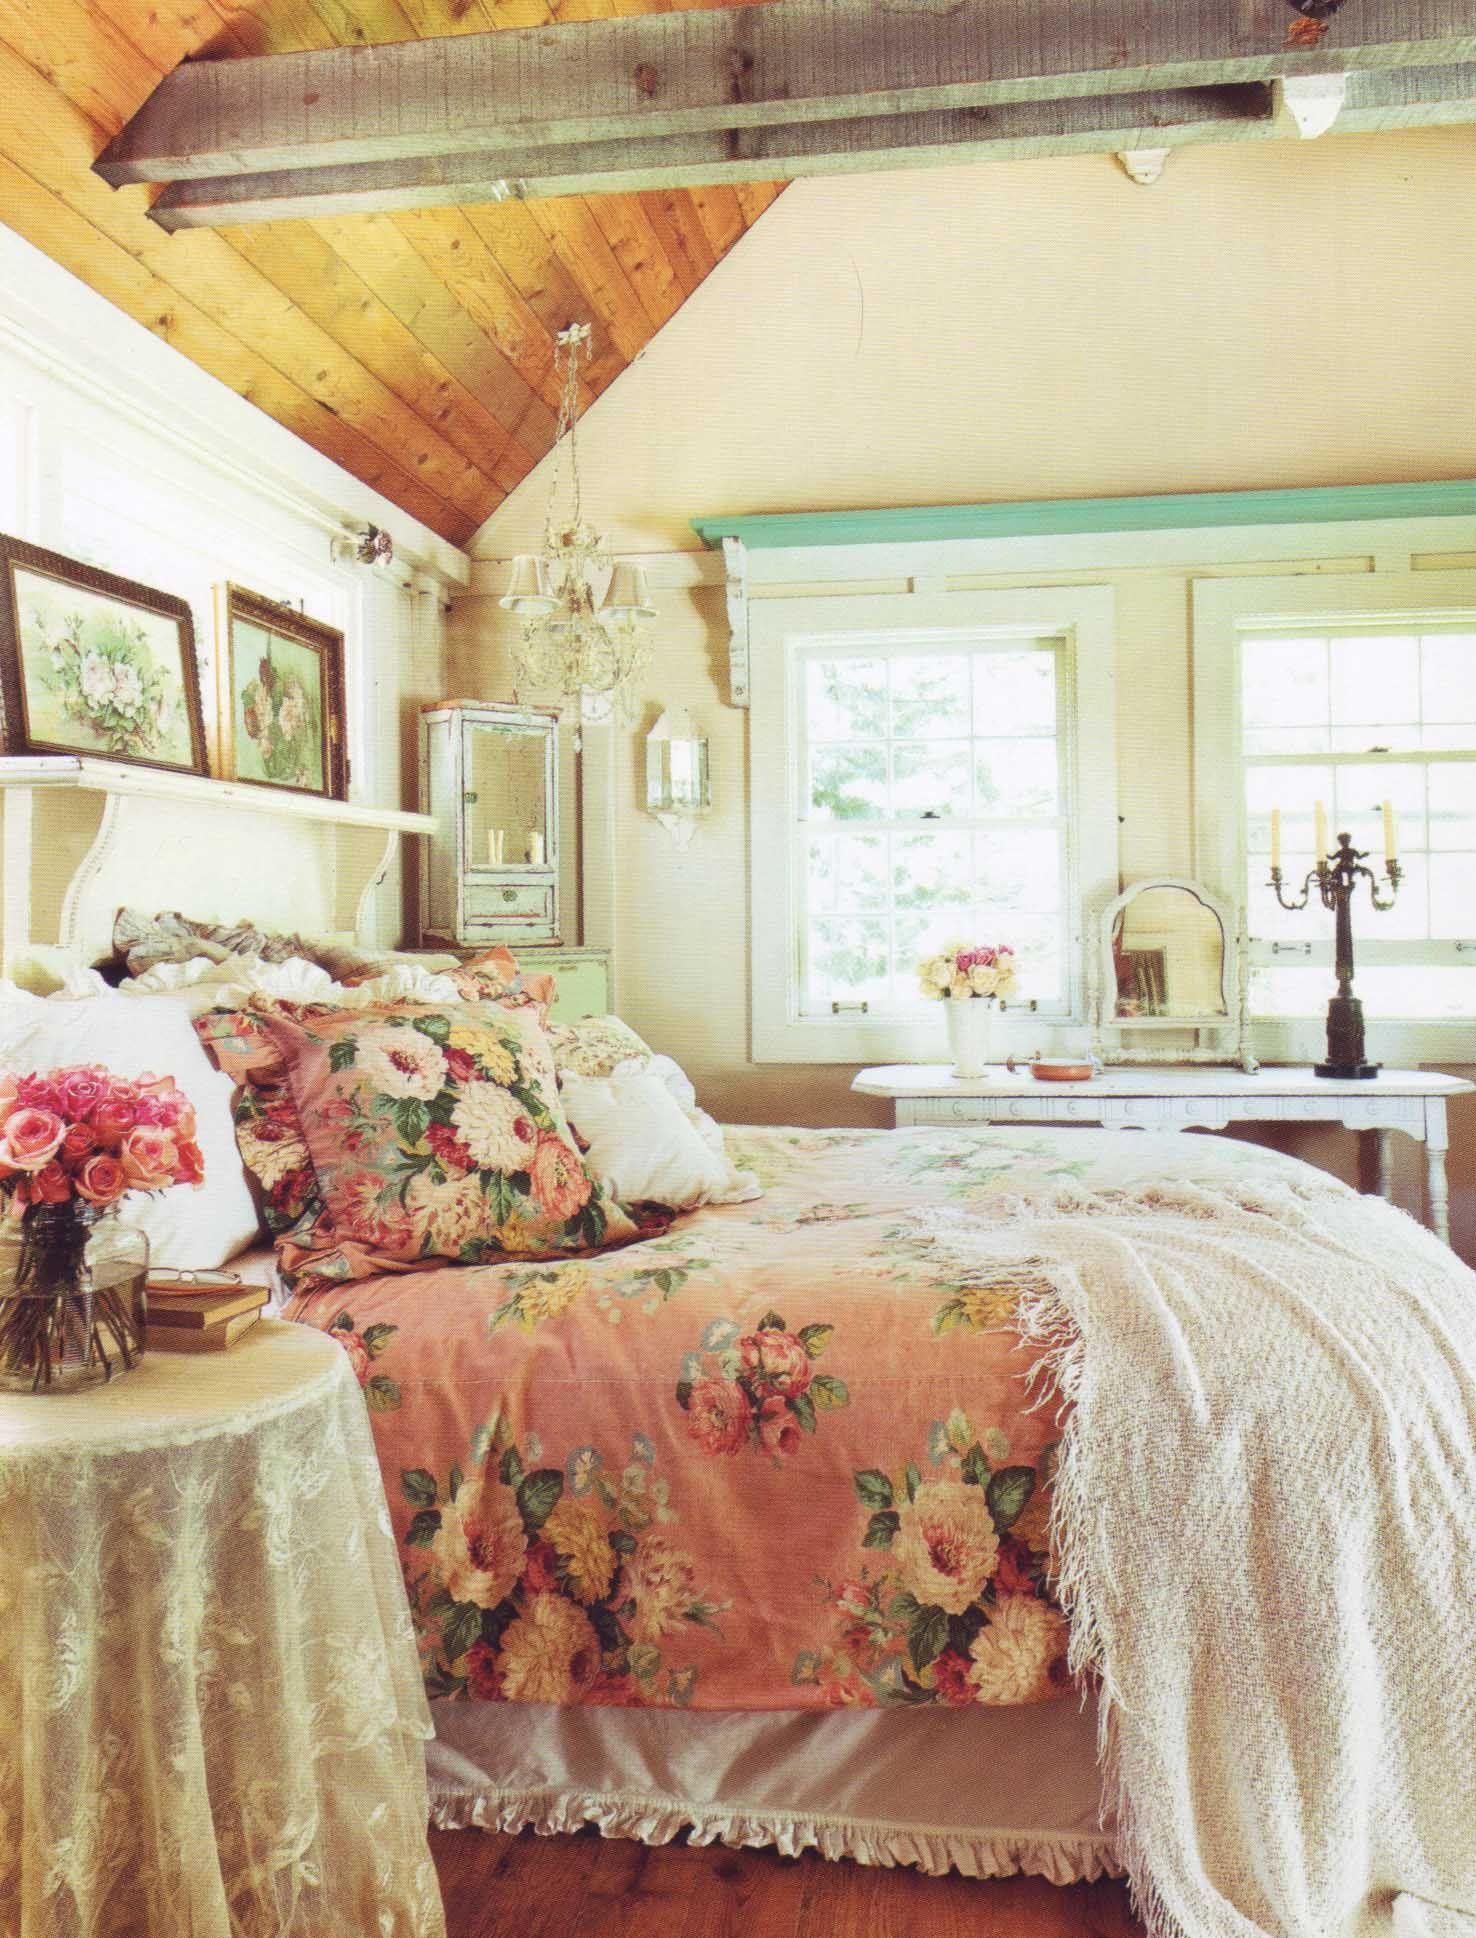 Vintage zimmer dekor ideen romantic prairie style by fifi ouneill  innenausstattung